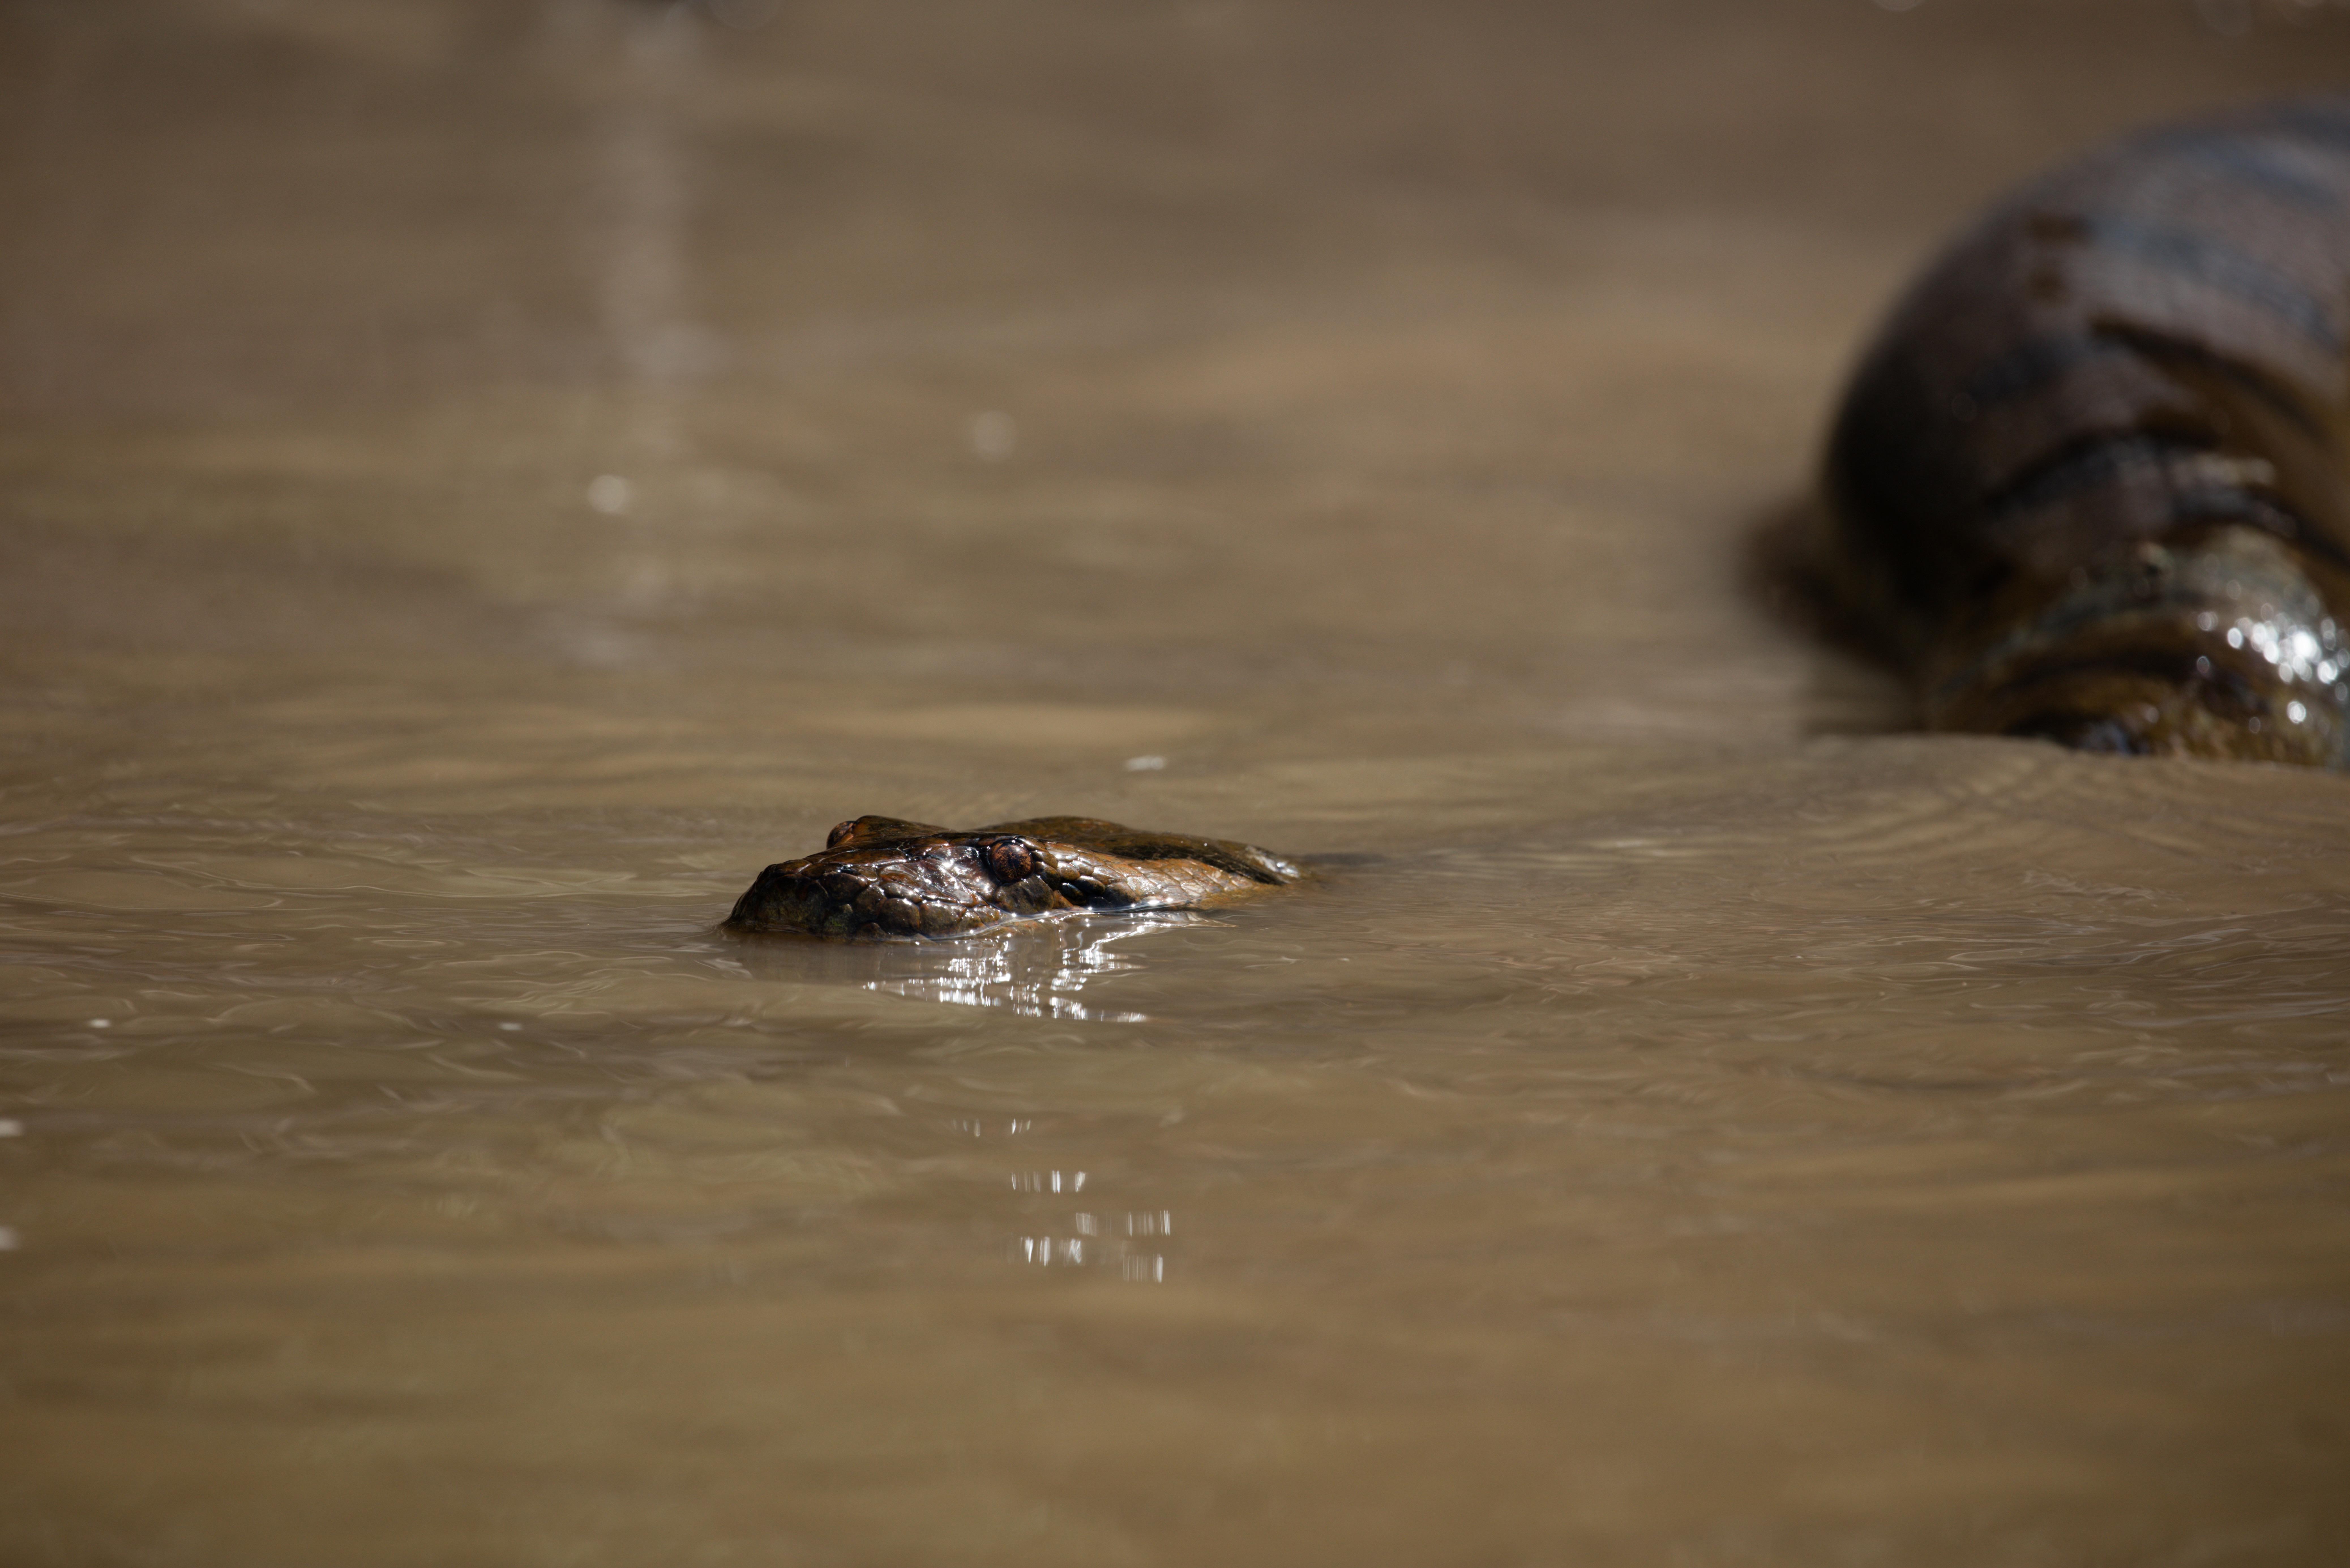 A giant Green Anaconda swims toward a to